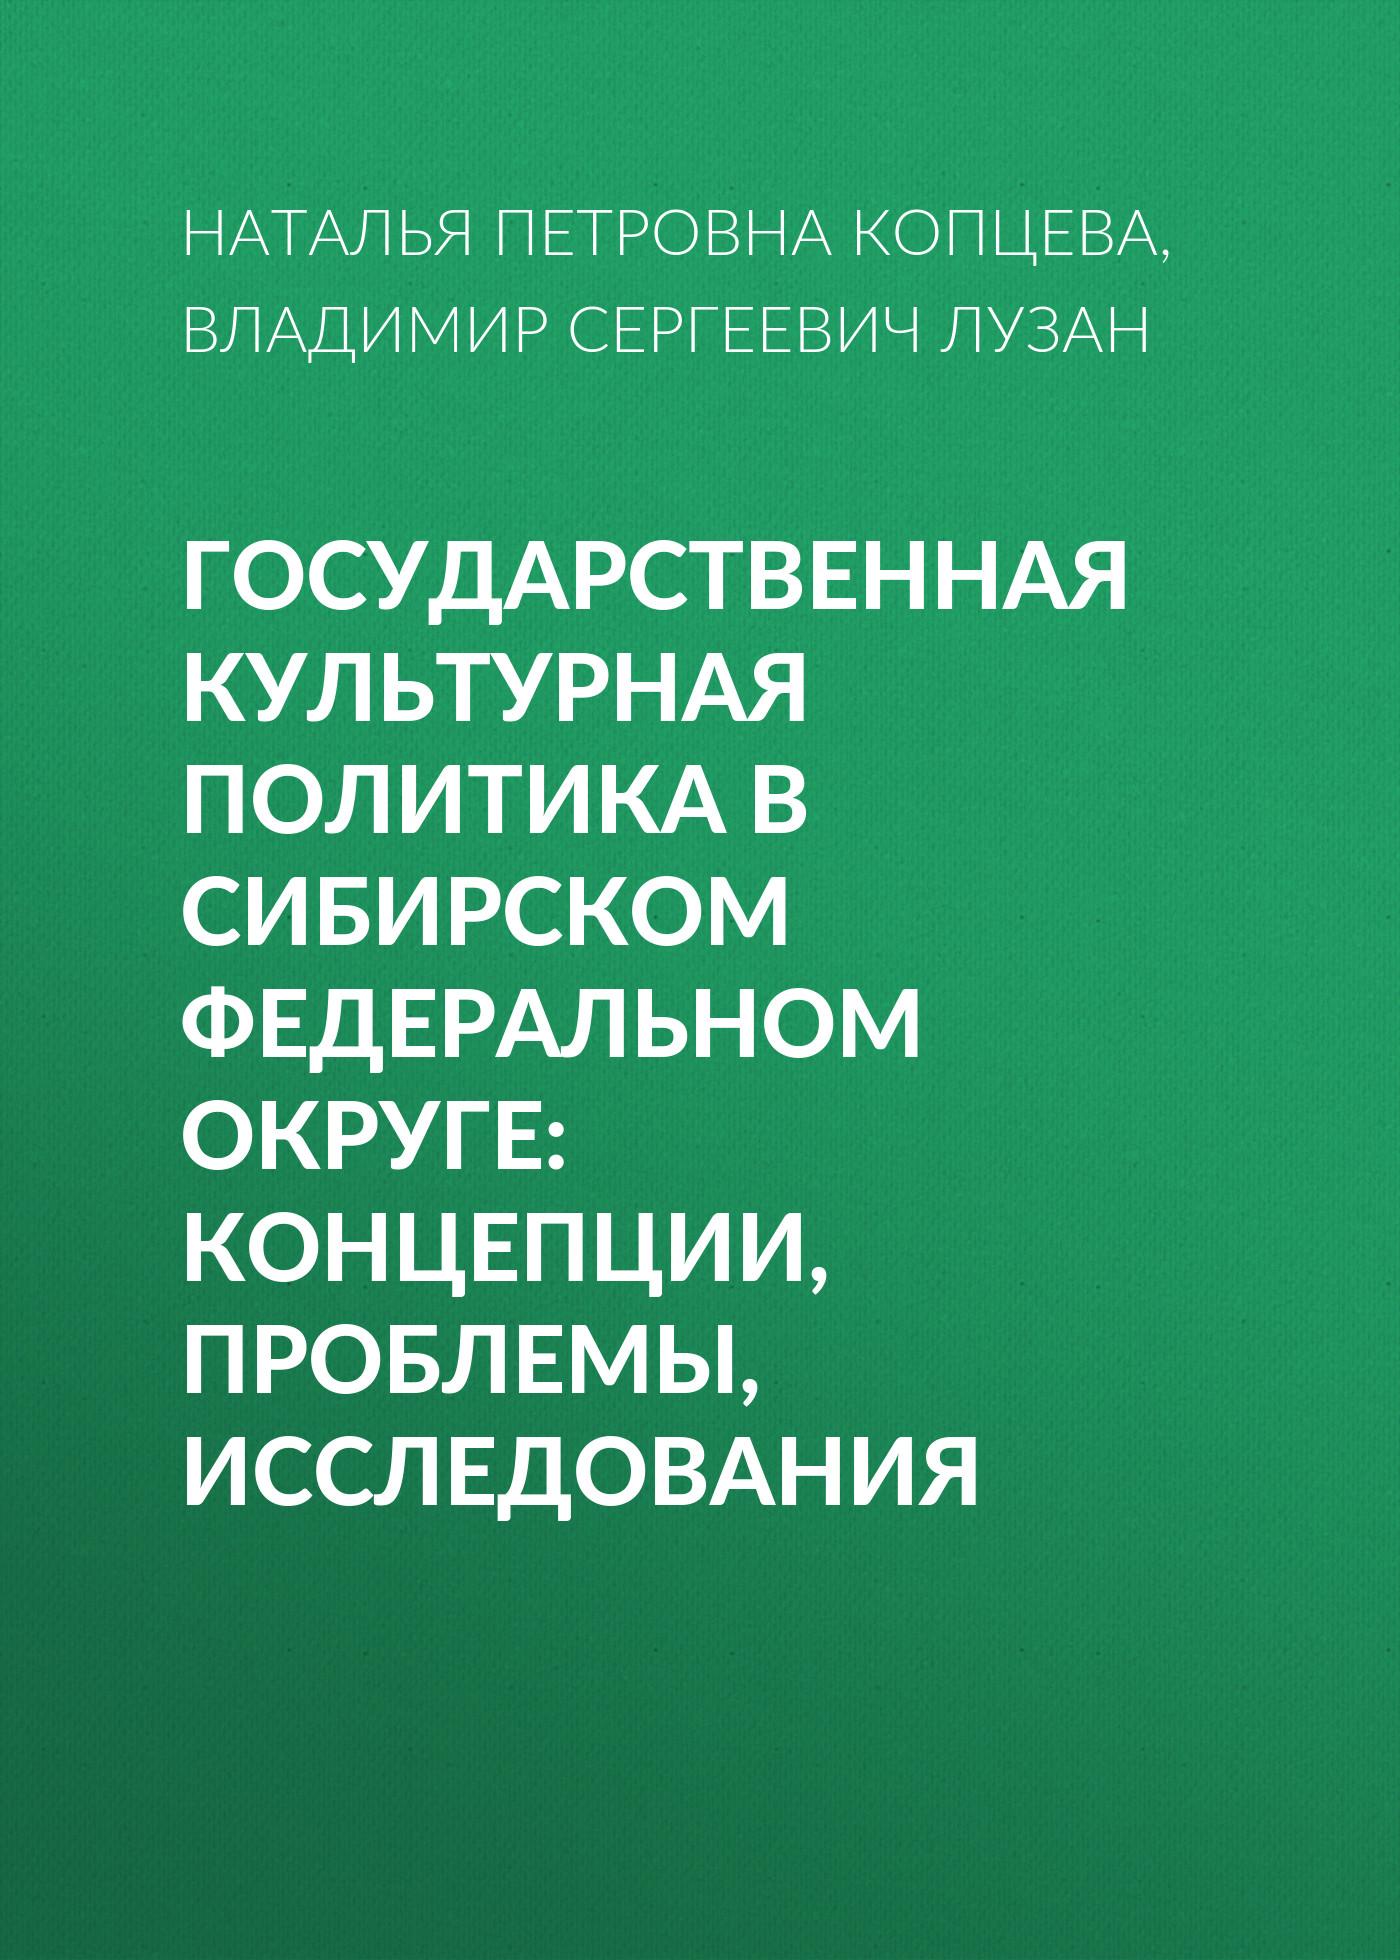 Наталья Петровна Копцева Государственная культурная политика в Сибирском федеральном округе: концепции, проблемы, исследования